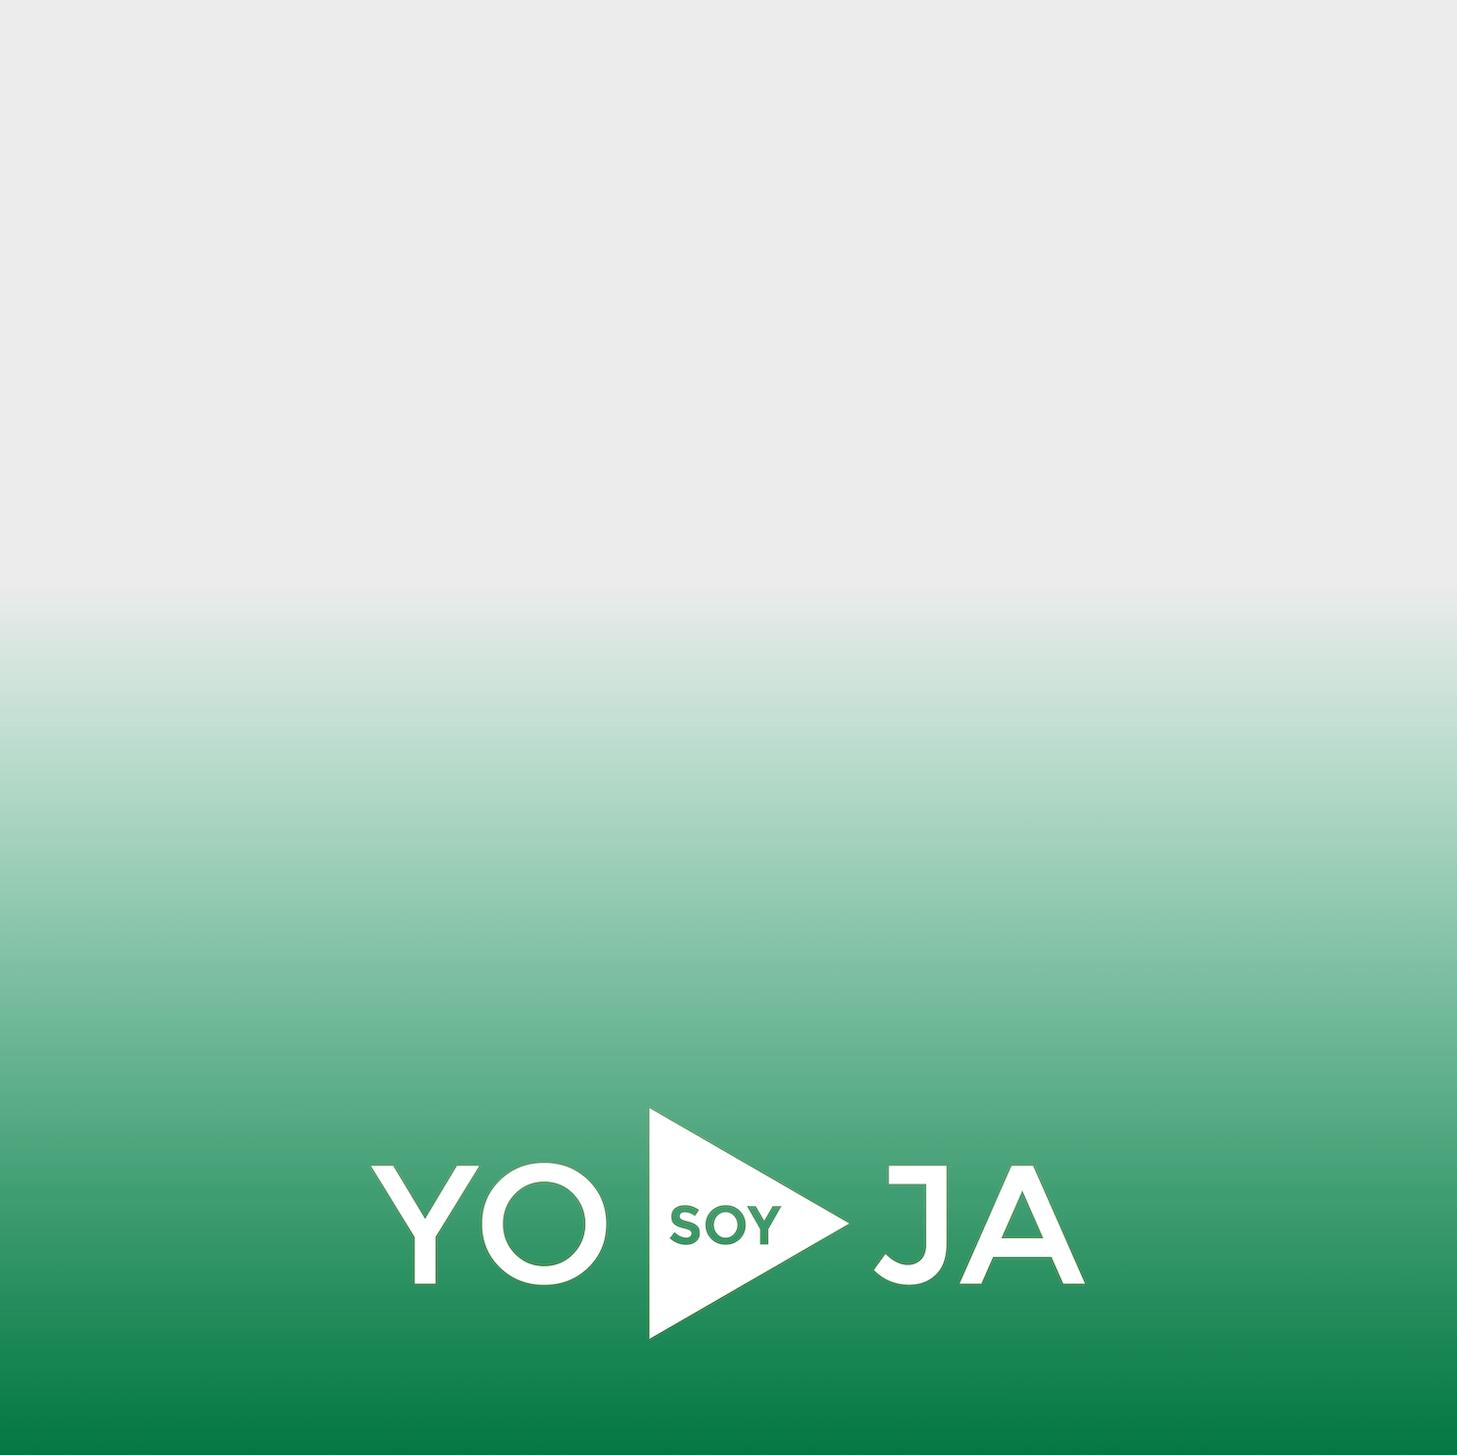 Yo Soy JA frame-2.png